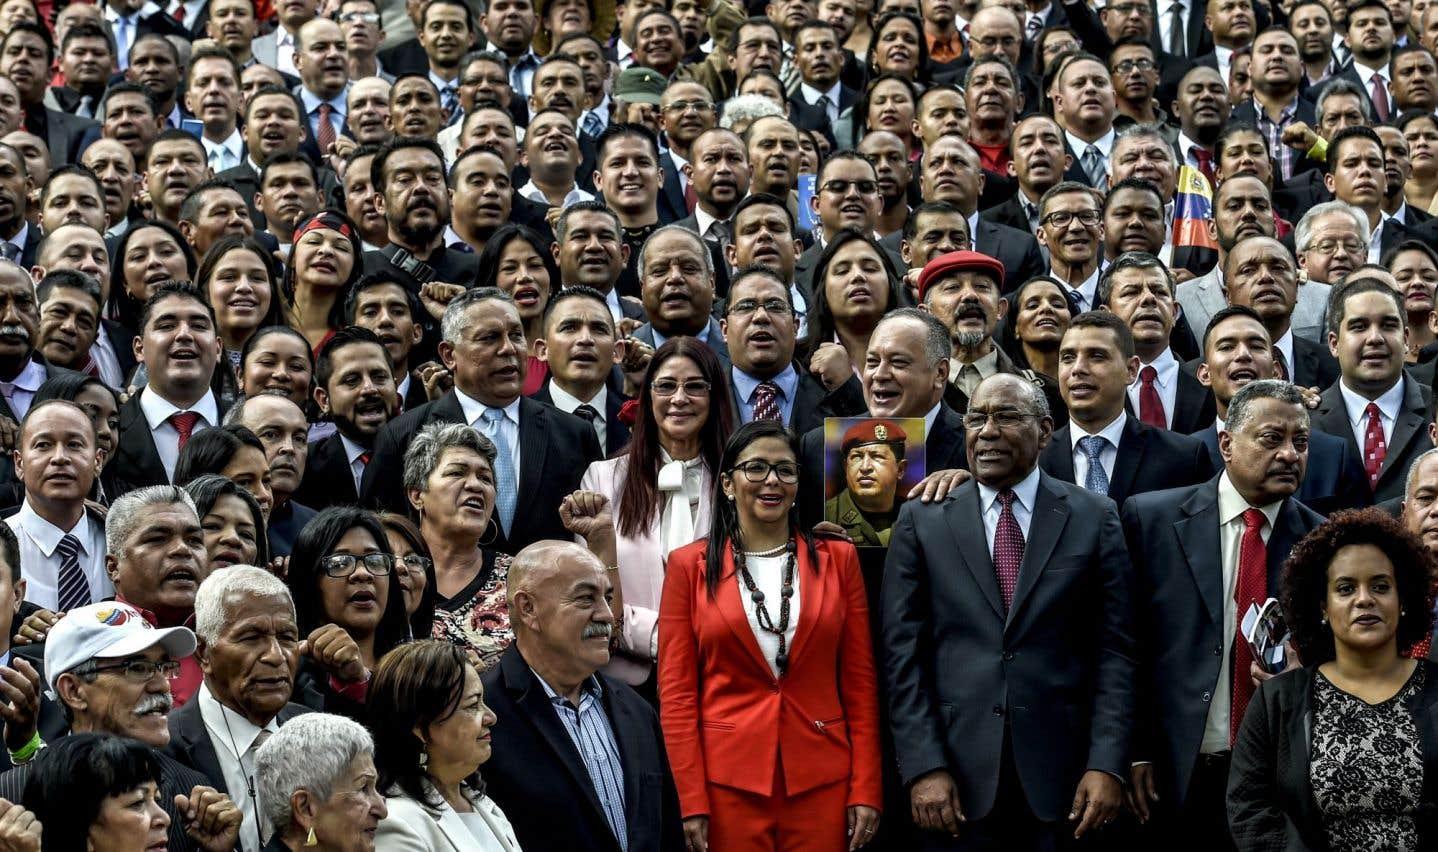 La Constituante fait ses débuts au Venezuela, envers et contre tous